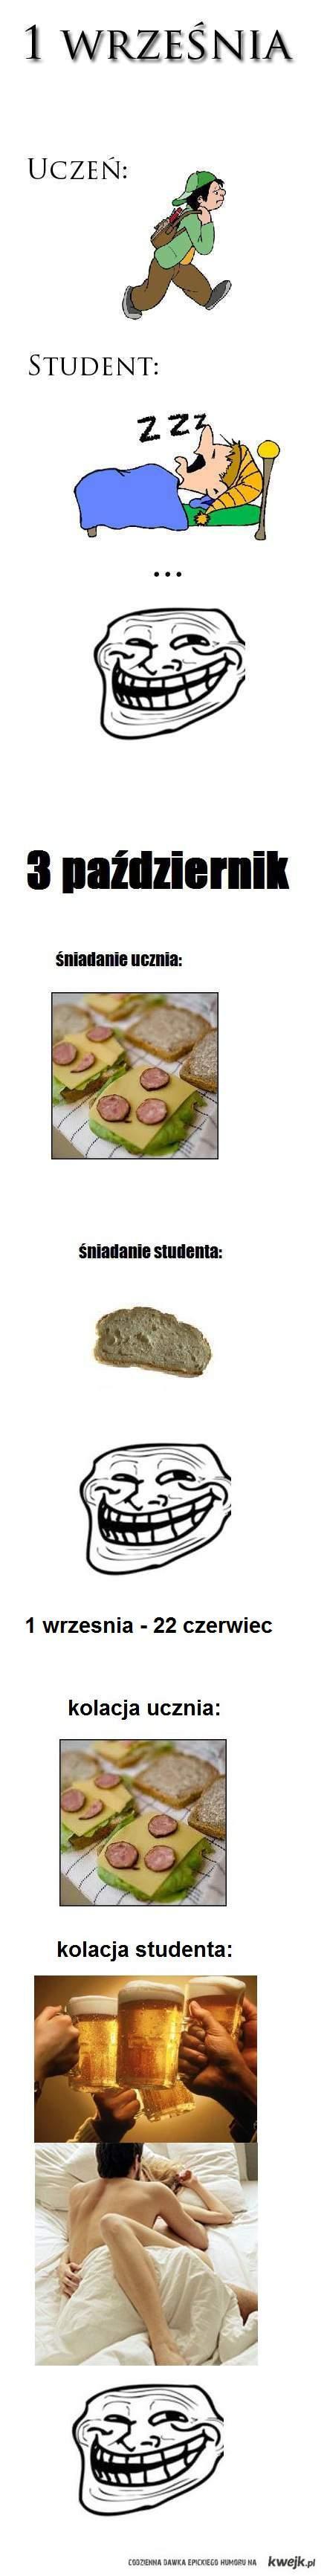 Uczeń vs student III